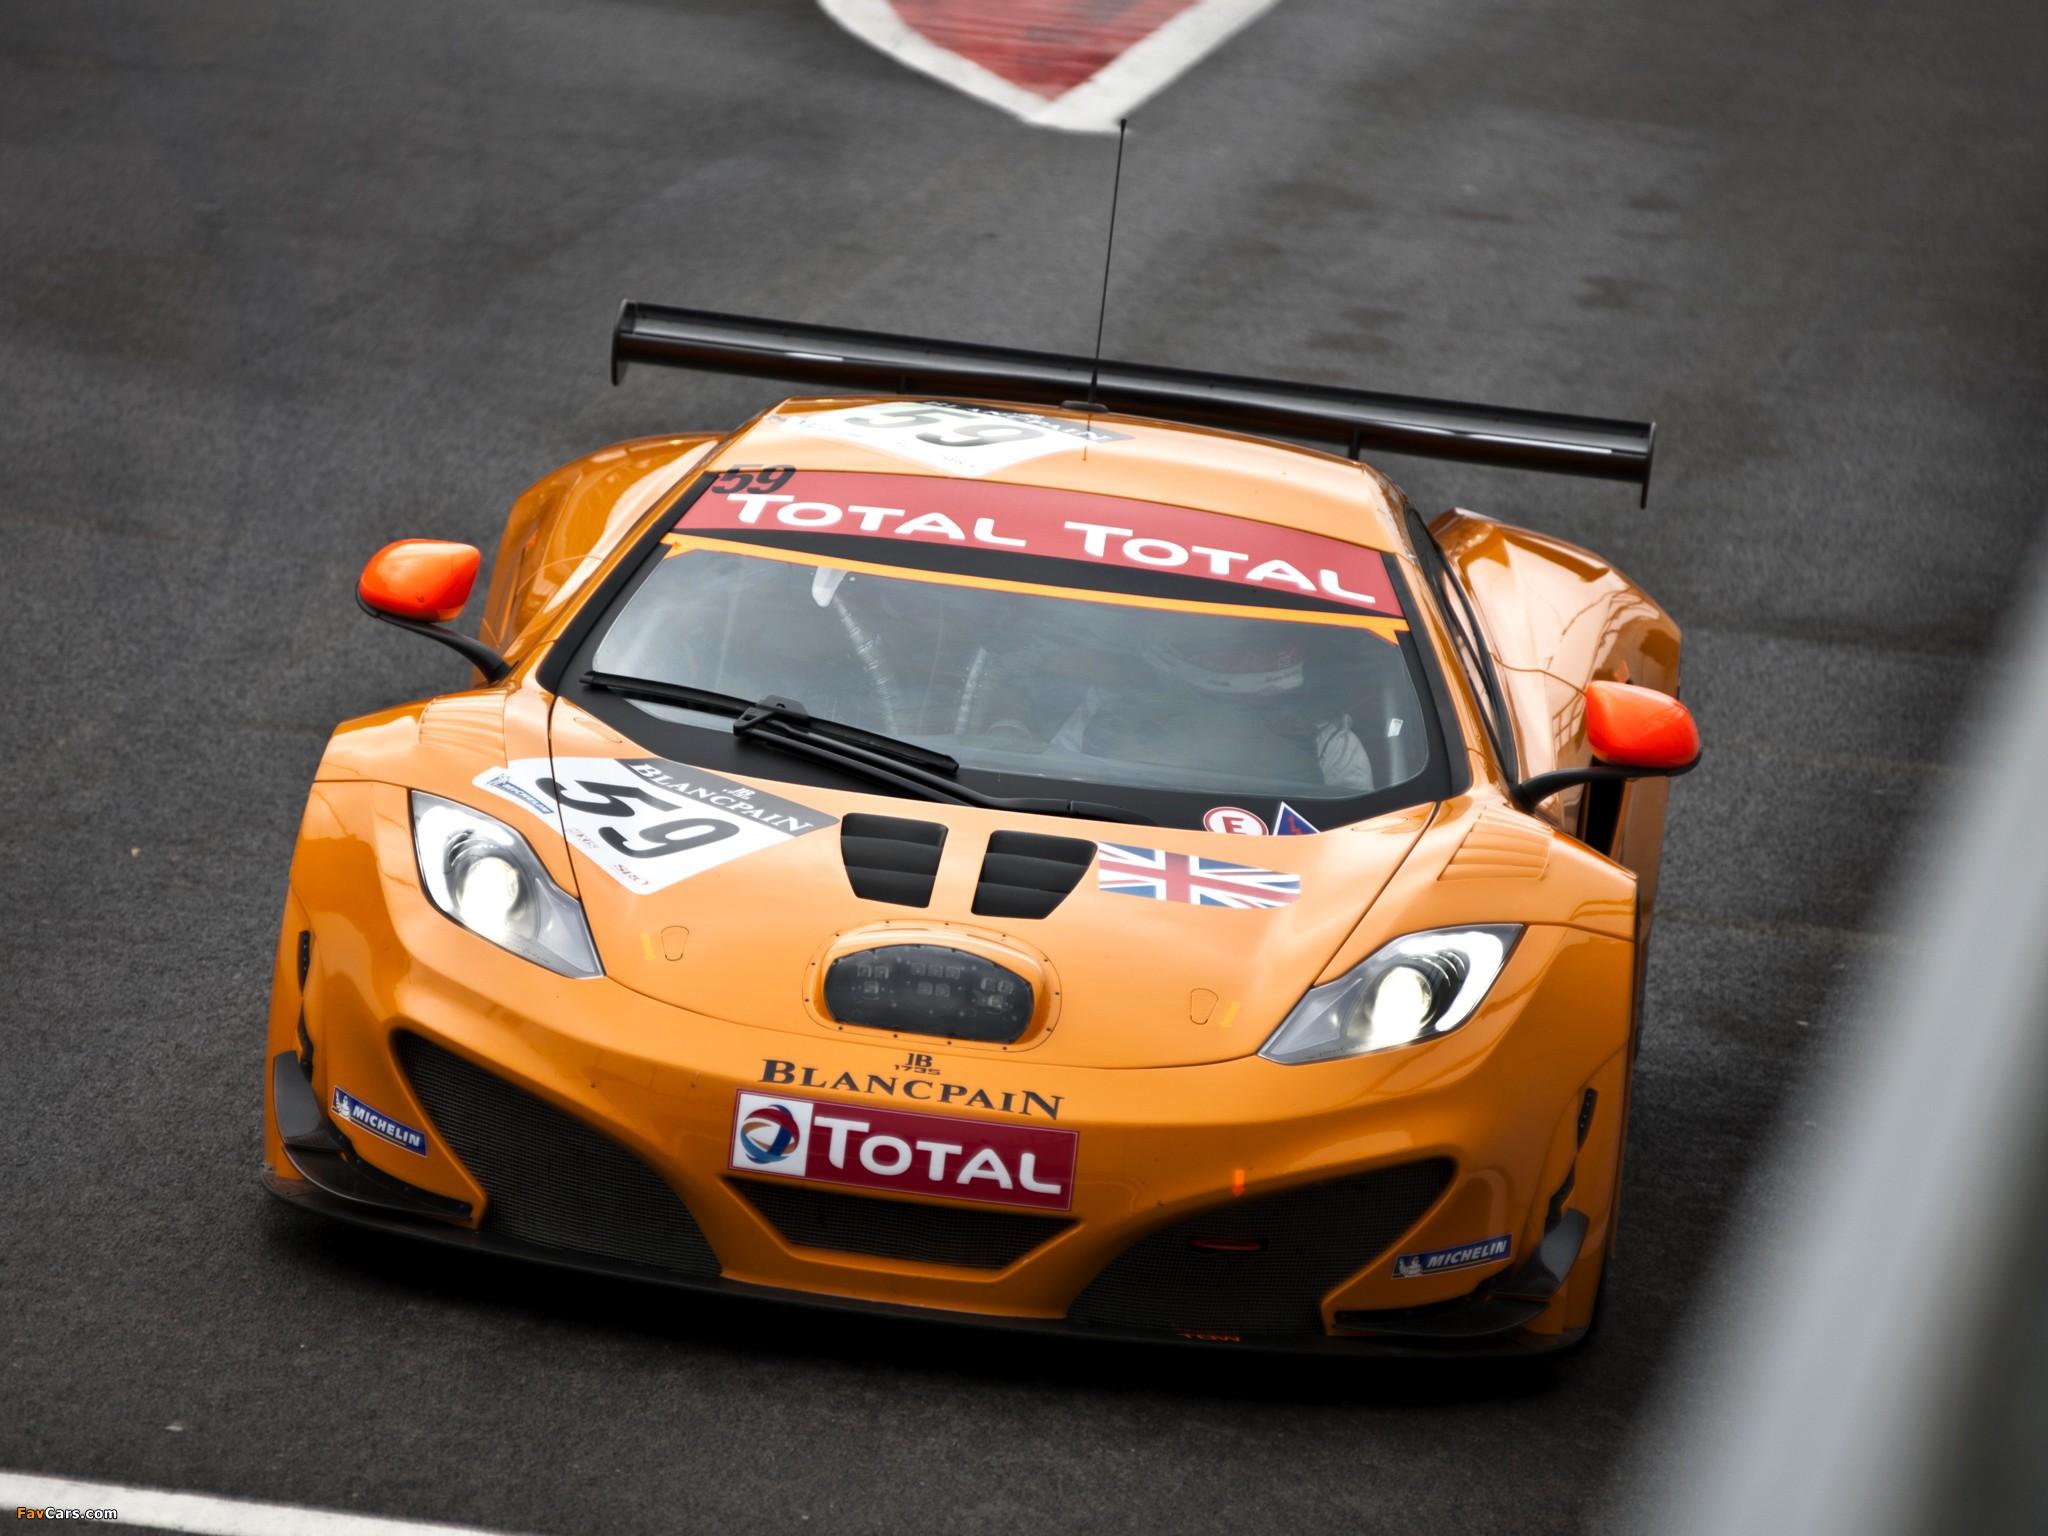 желтый спортивный автомобиль McLaren MP4 12C GT3  № 667677 бесплатно